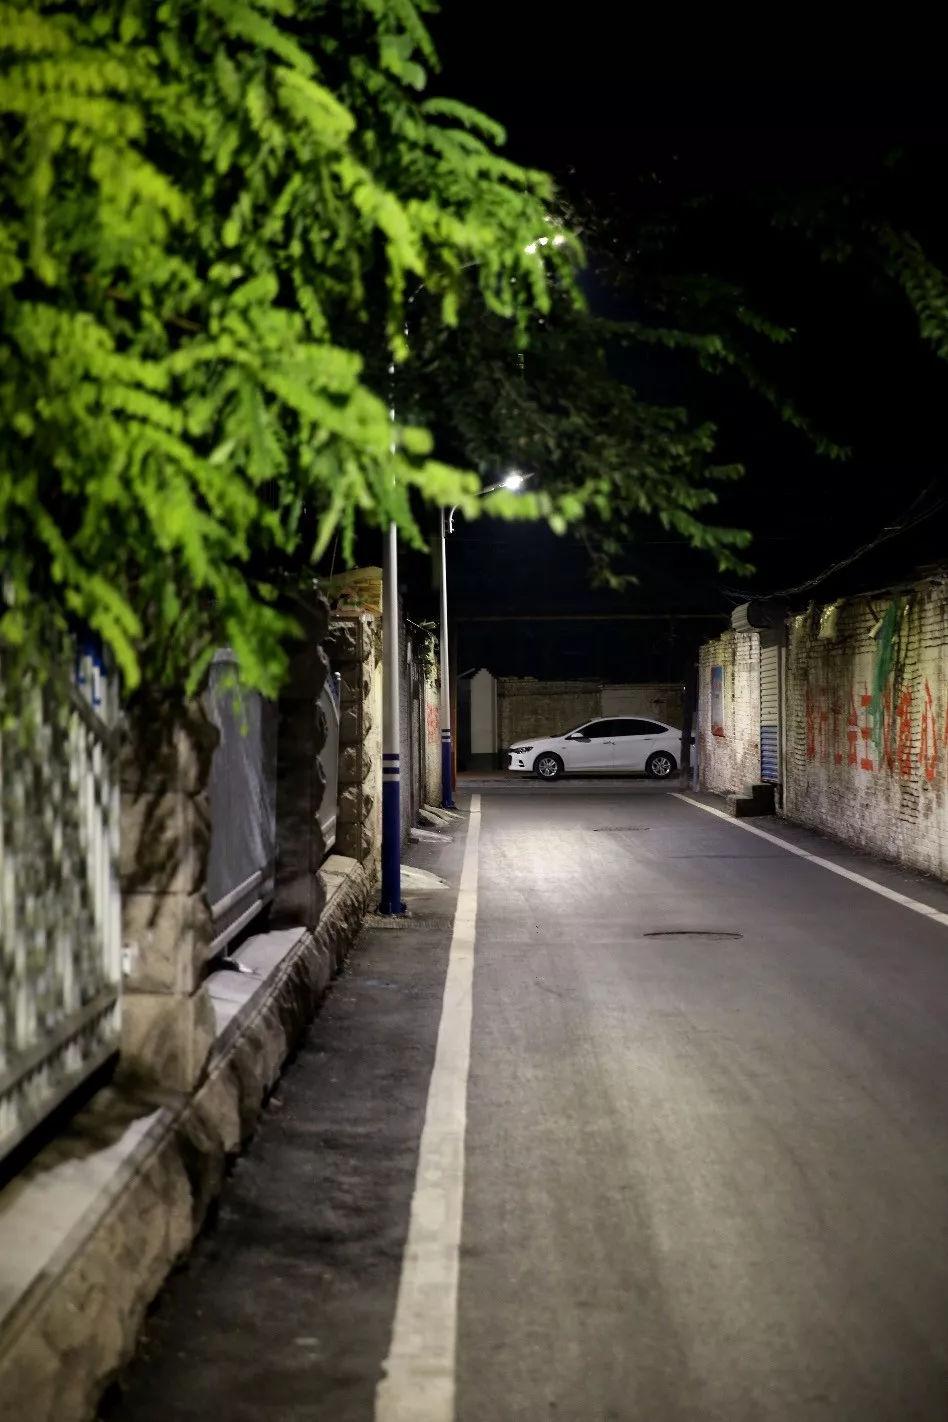 聊城安居网|聊城夜晚胡同里的市井百态,灯光照射下的是城市生活的缩影